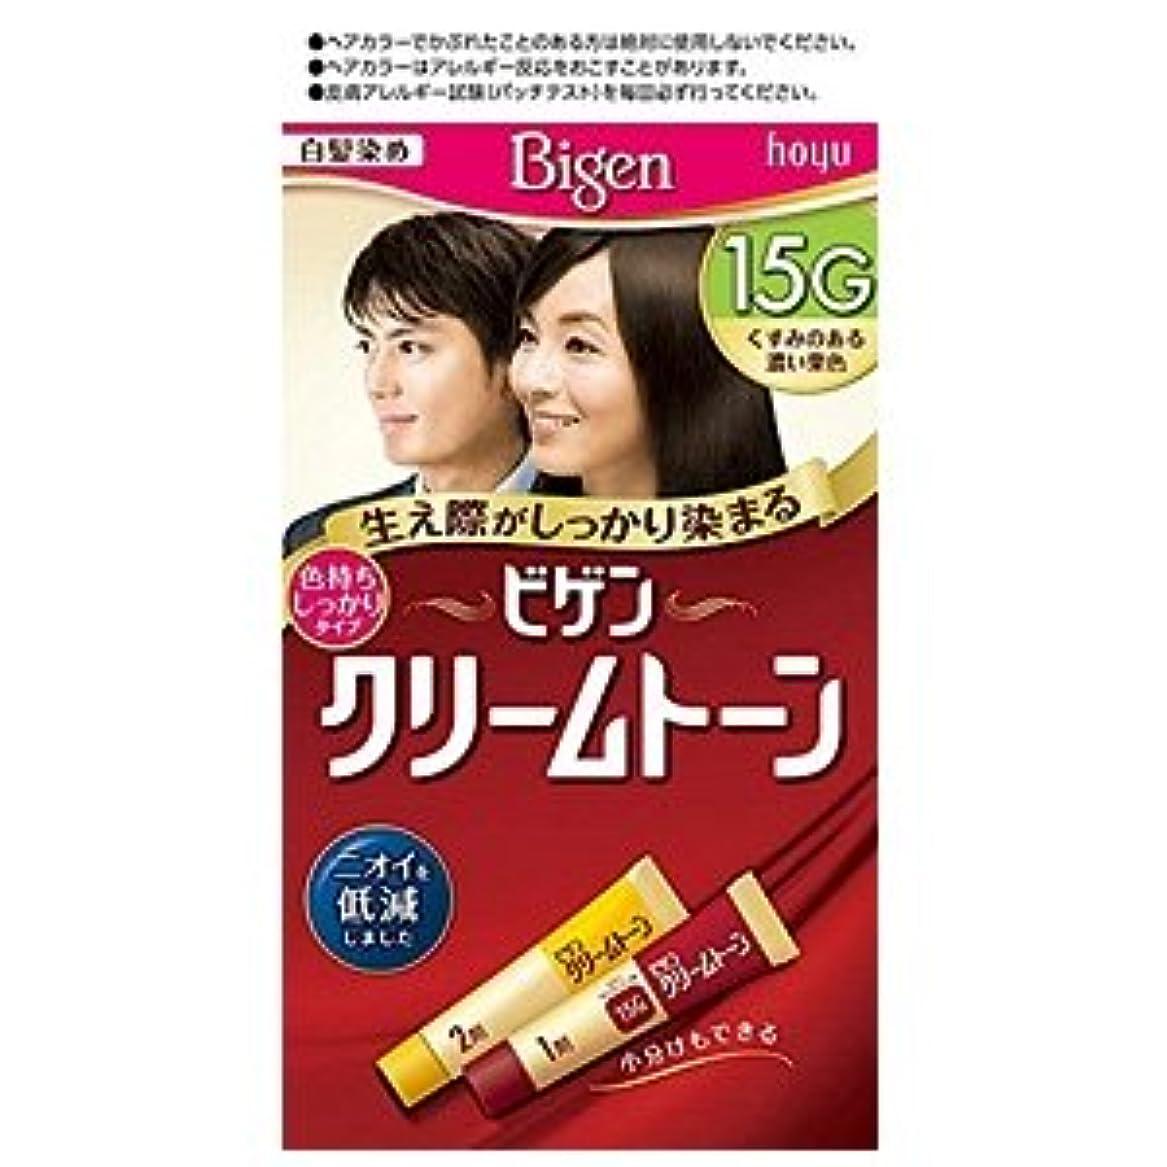 ビゲン クリームトーン 15G(くすみのある濃い栗色) ×6個